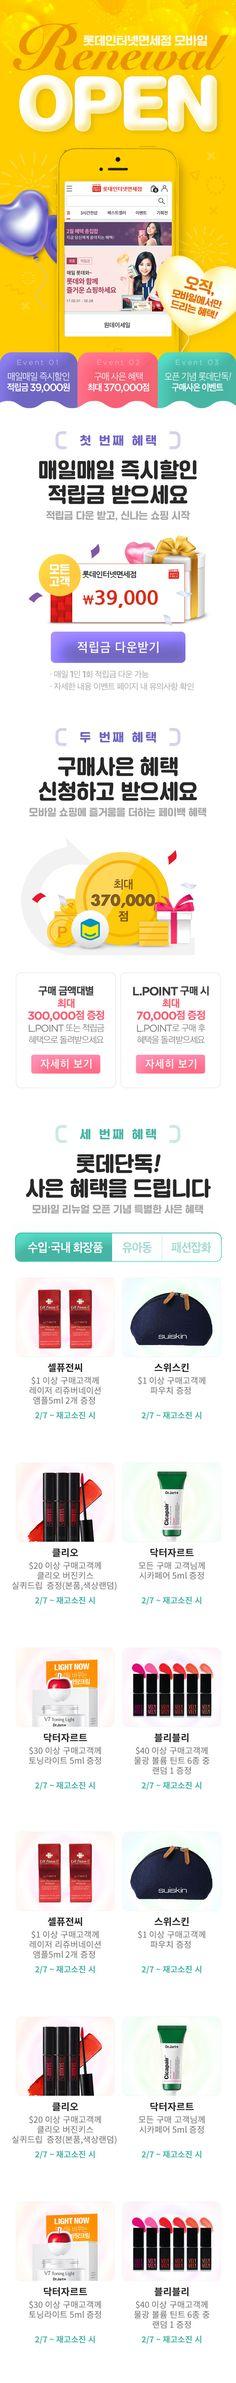 #2017년2월2주차 #소모 #모바일리뉴얼오픈이벤트 Event Banner, Web Banner, Web Design, Graphic Design, Layout Template, Templates, Korean Design, Promotional Design, Event Page